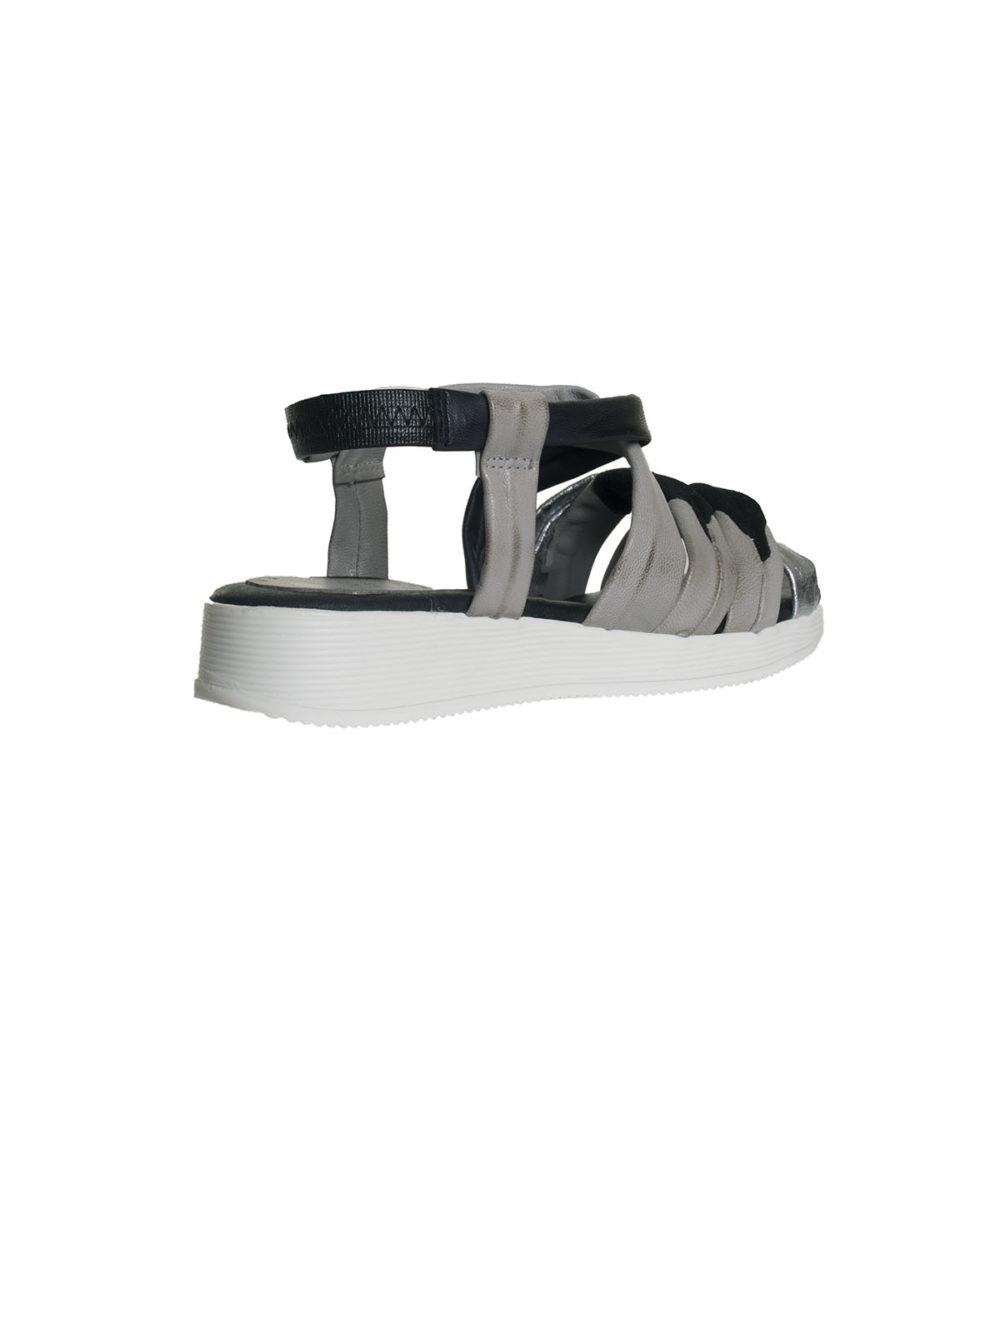 Aries BCE Sandal Marila Shoes Katie Kerr Women's Shoes